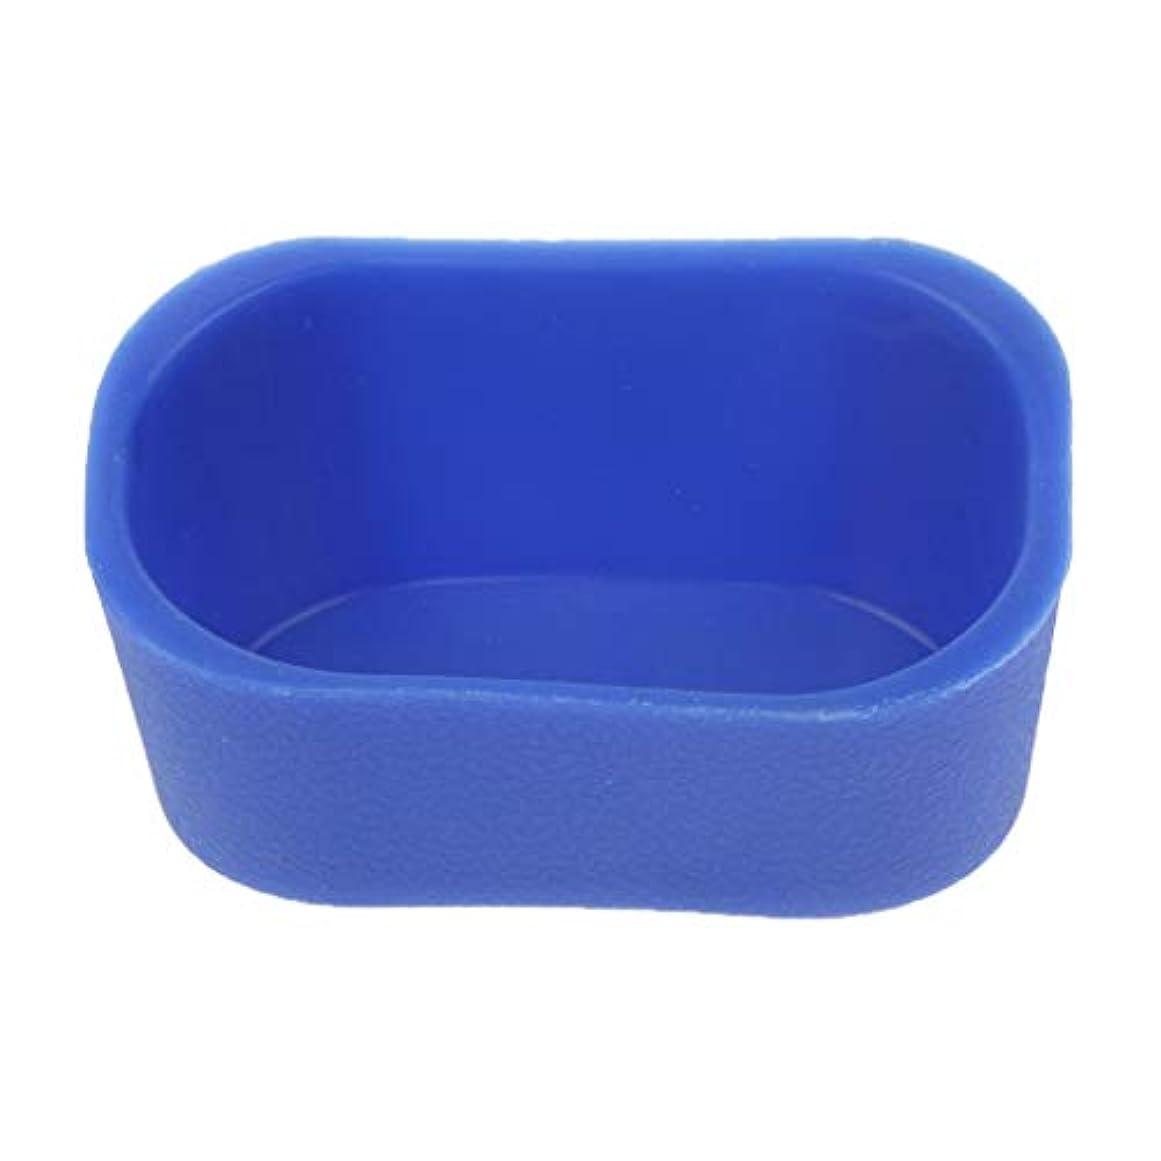 通知するバトル撤退シャンプーボウル ピロー ネックレス クッション 高品質 5色選べ - 青